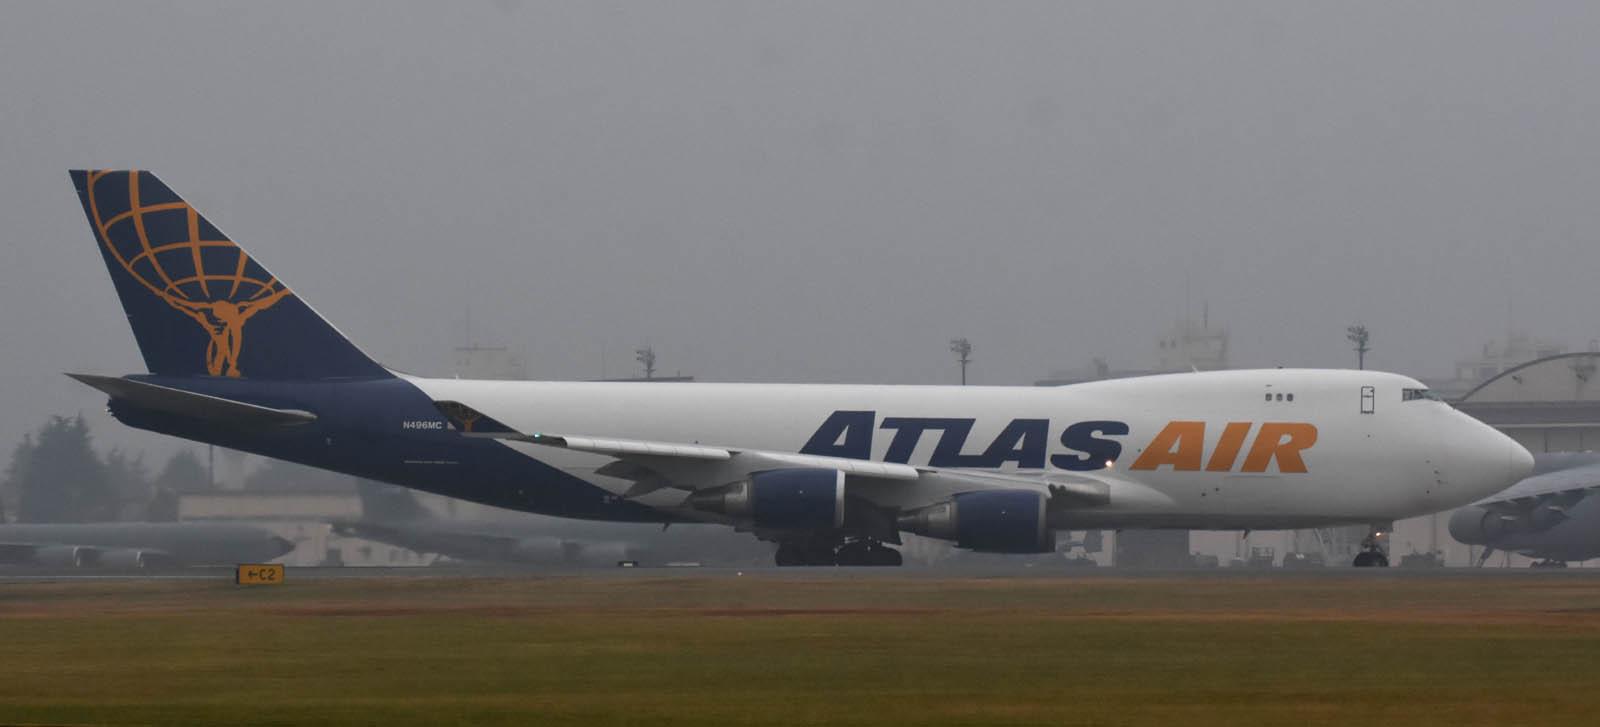 Atlas181106g707